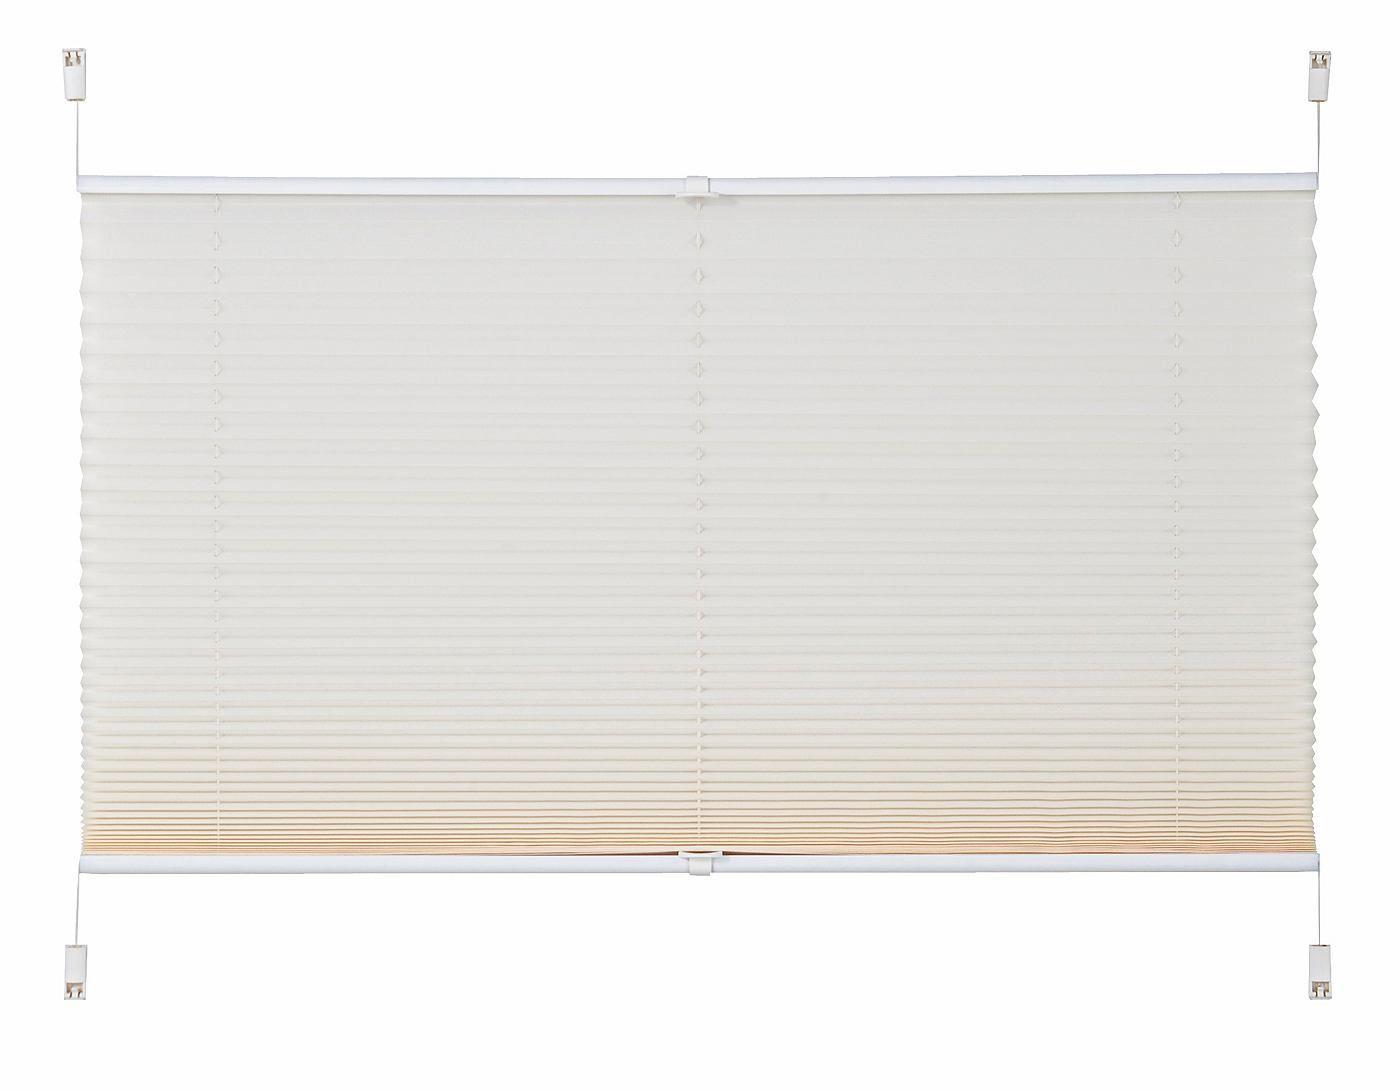 velux dachfenster verdunkelungsrollo ausbauen: sonnenschutz für